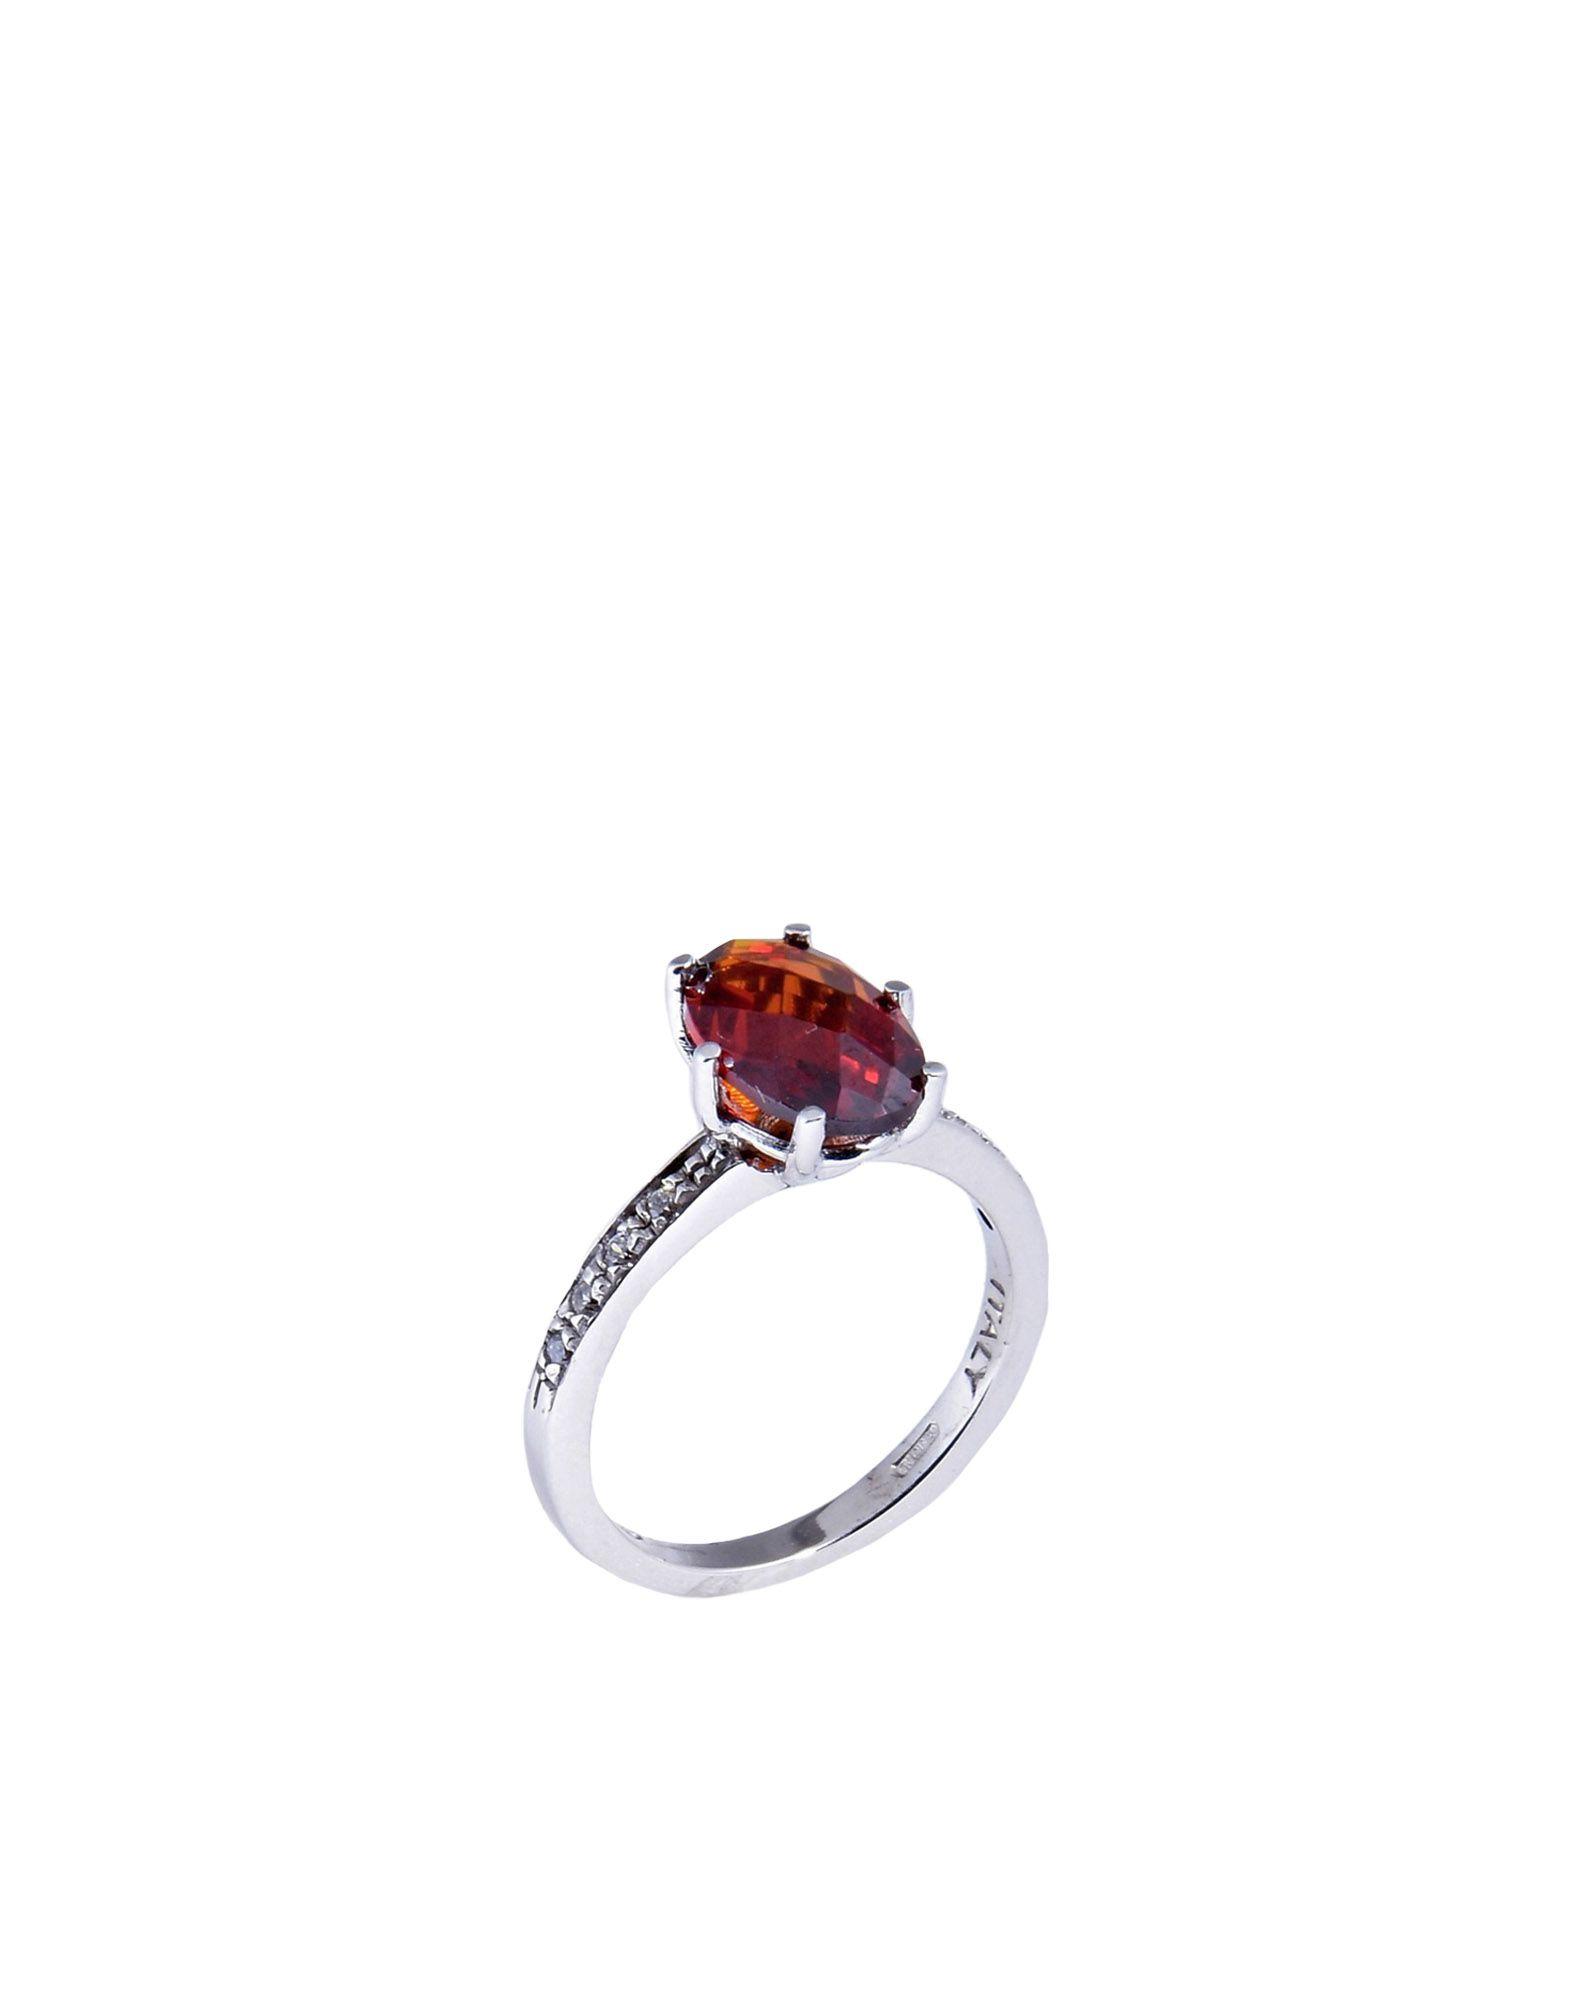 《送料無料》BLISS レディース 指輪 シルバー 9 銀 / キュービックジルコニア / 合成石